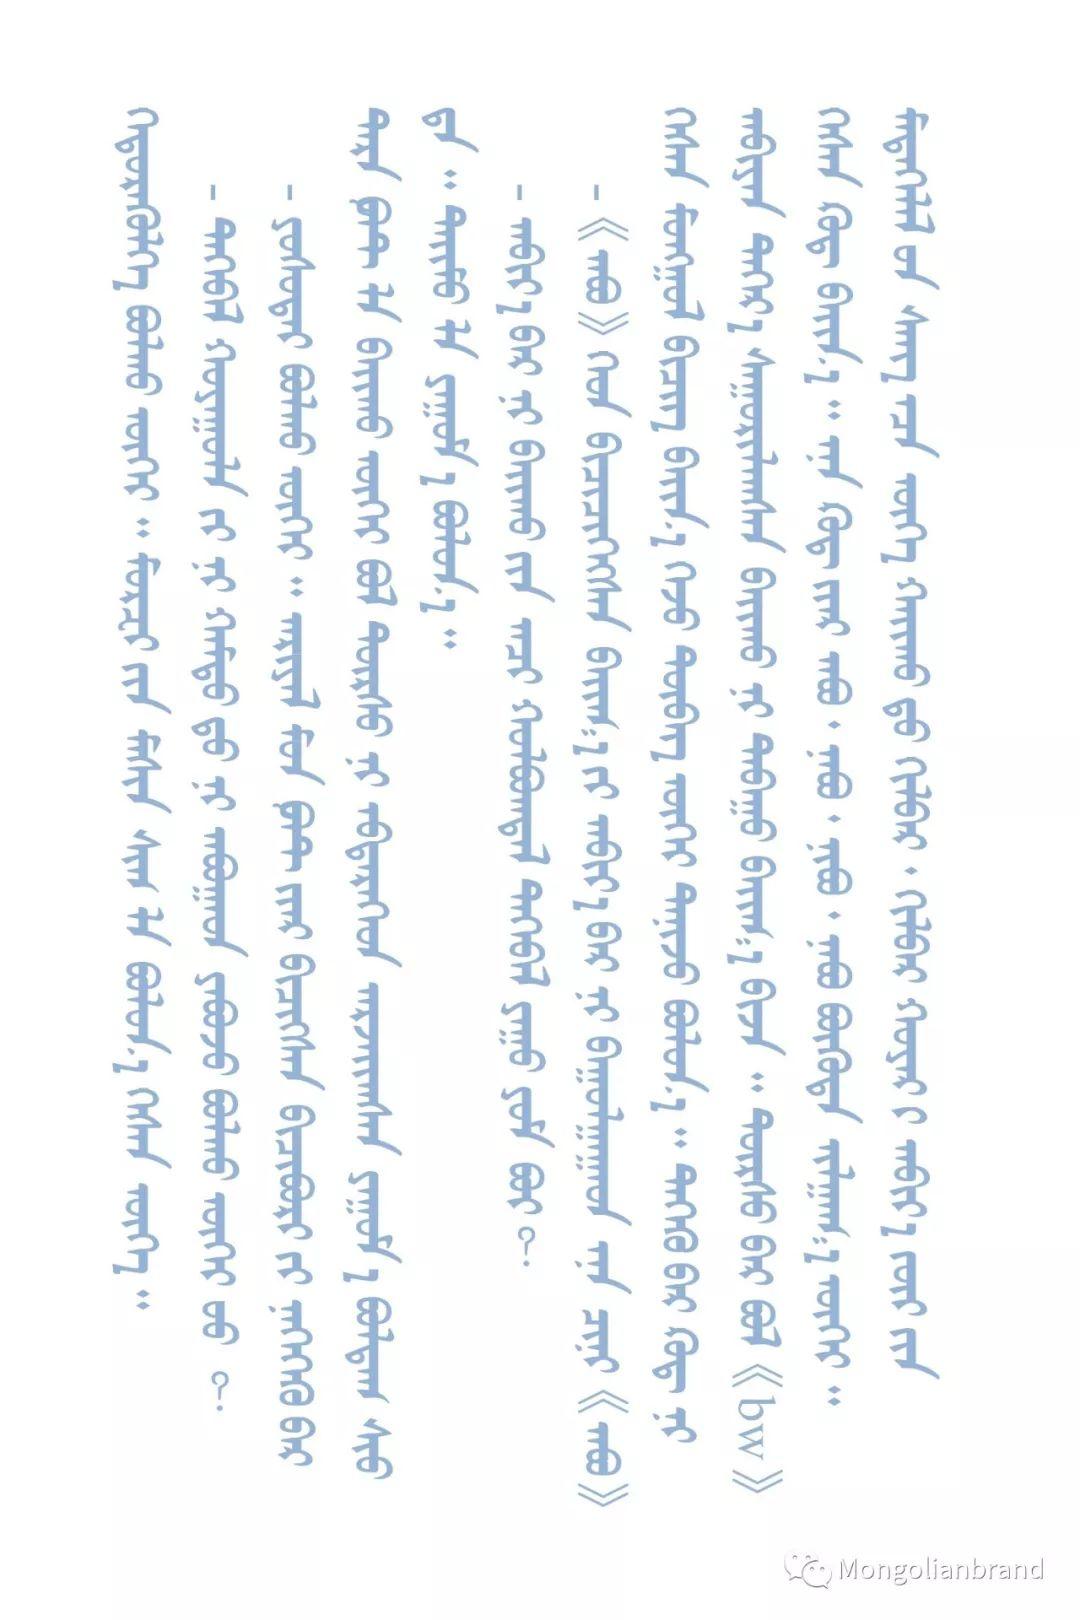 蒙古字体设计专家Jamiyansuren:让每个蒙古人掌握传统蒙古文是我们的终极目标 第11张 蒙古字体设计专家Jamiyansuren:让每个蒙古人掌握传统蒙古文是我们的终极目标 蒙古文化